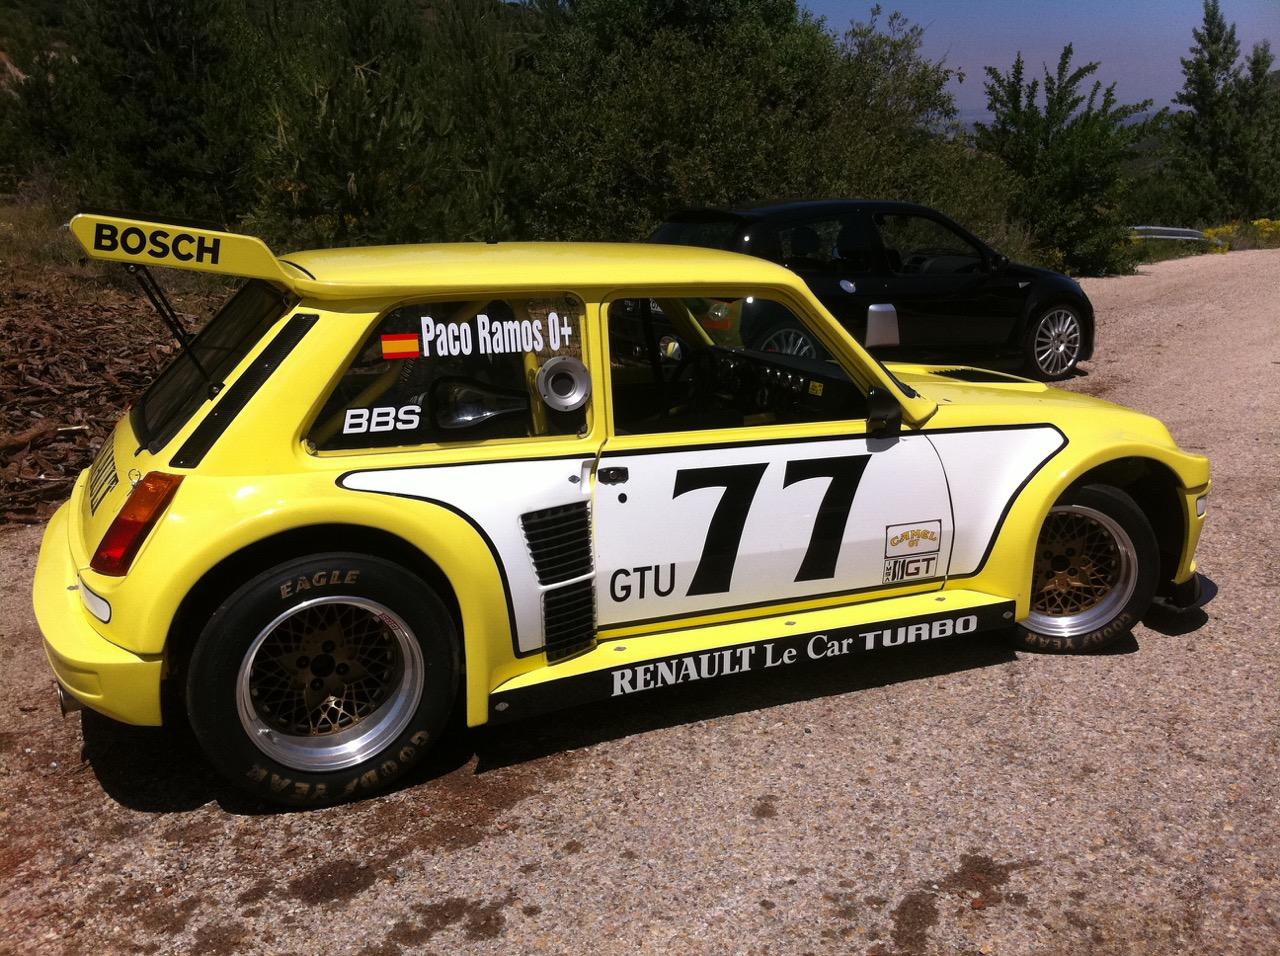 Renault Le Car Turbo GTU IMSA - De l'autre côté de l'Atlantique ! 4